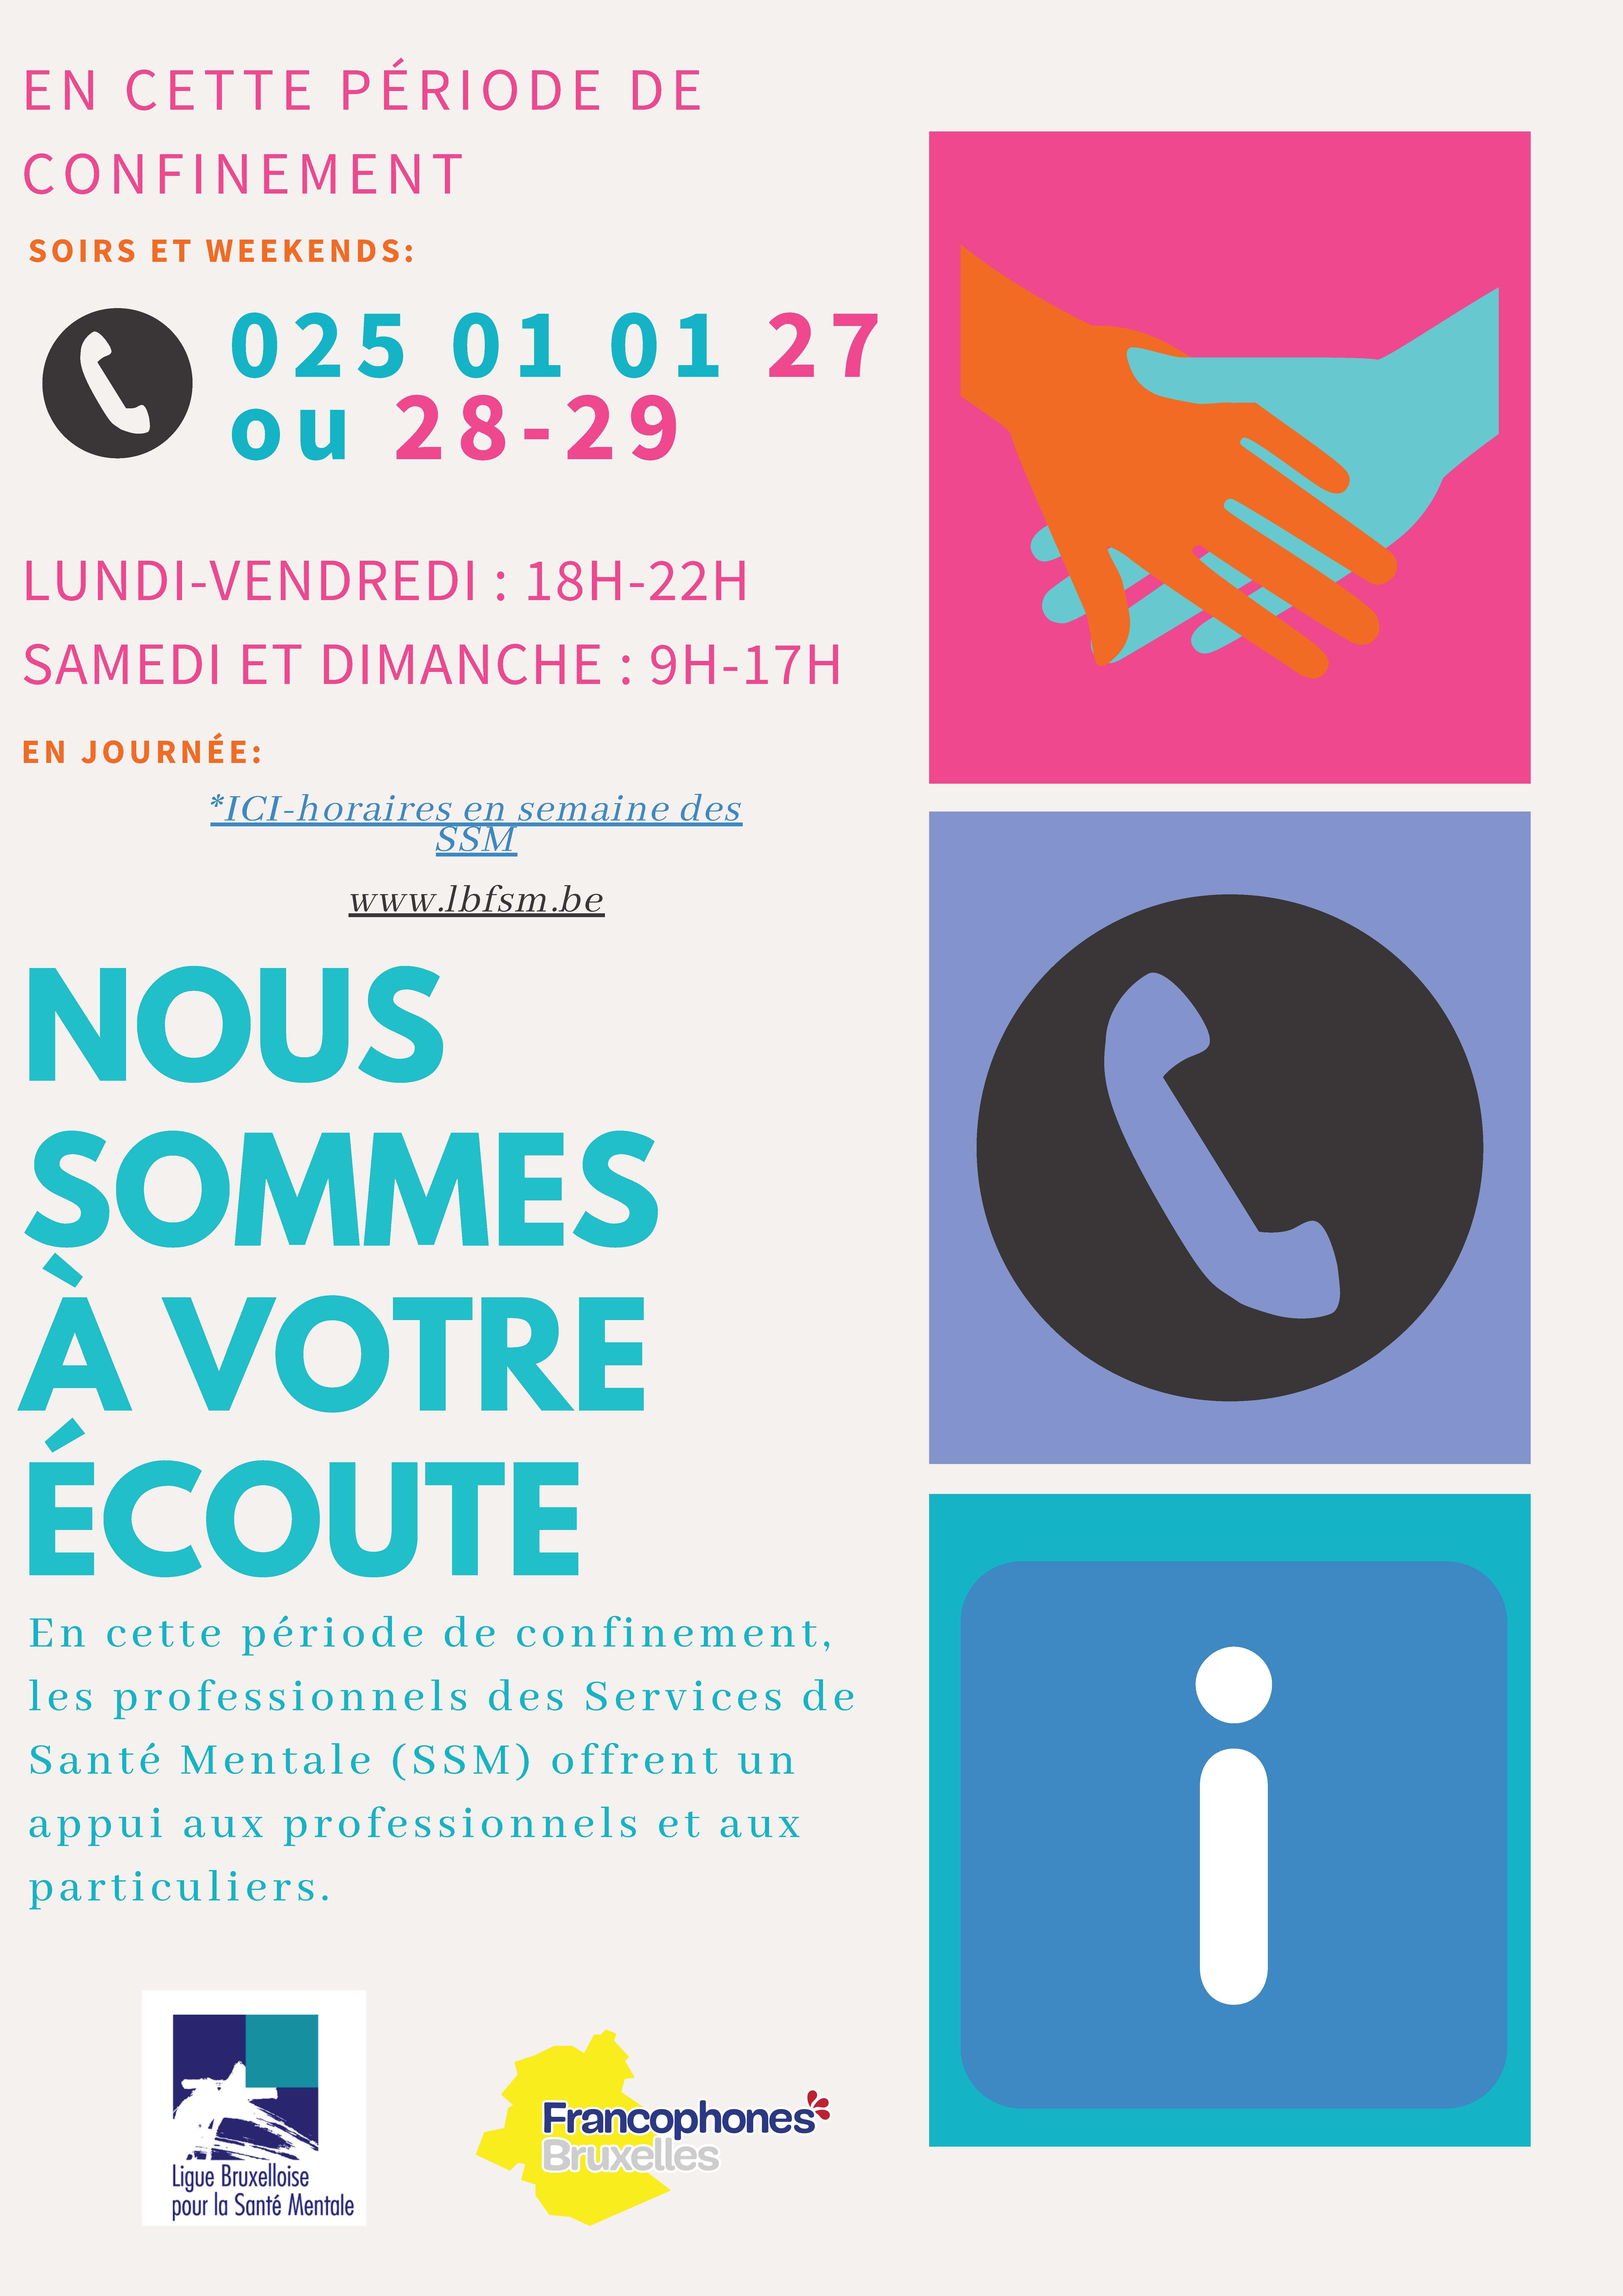 ligne_d_ecoute_telephonique_sante_mentale_3_.jpg